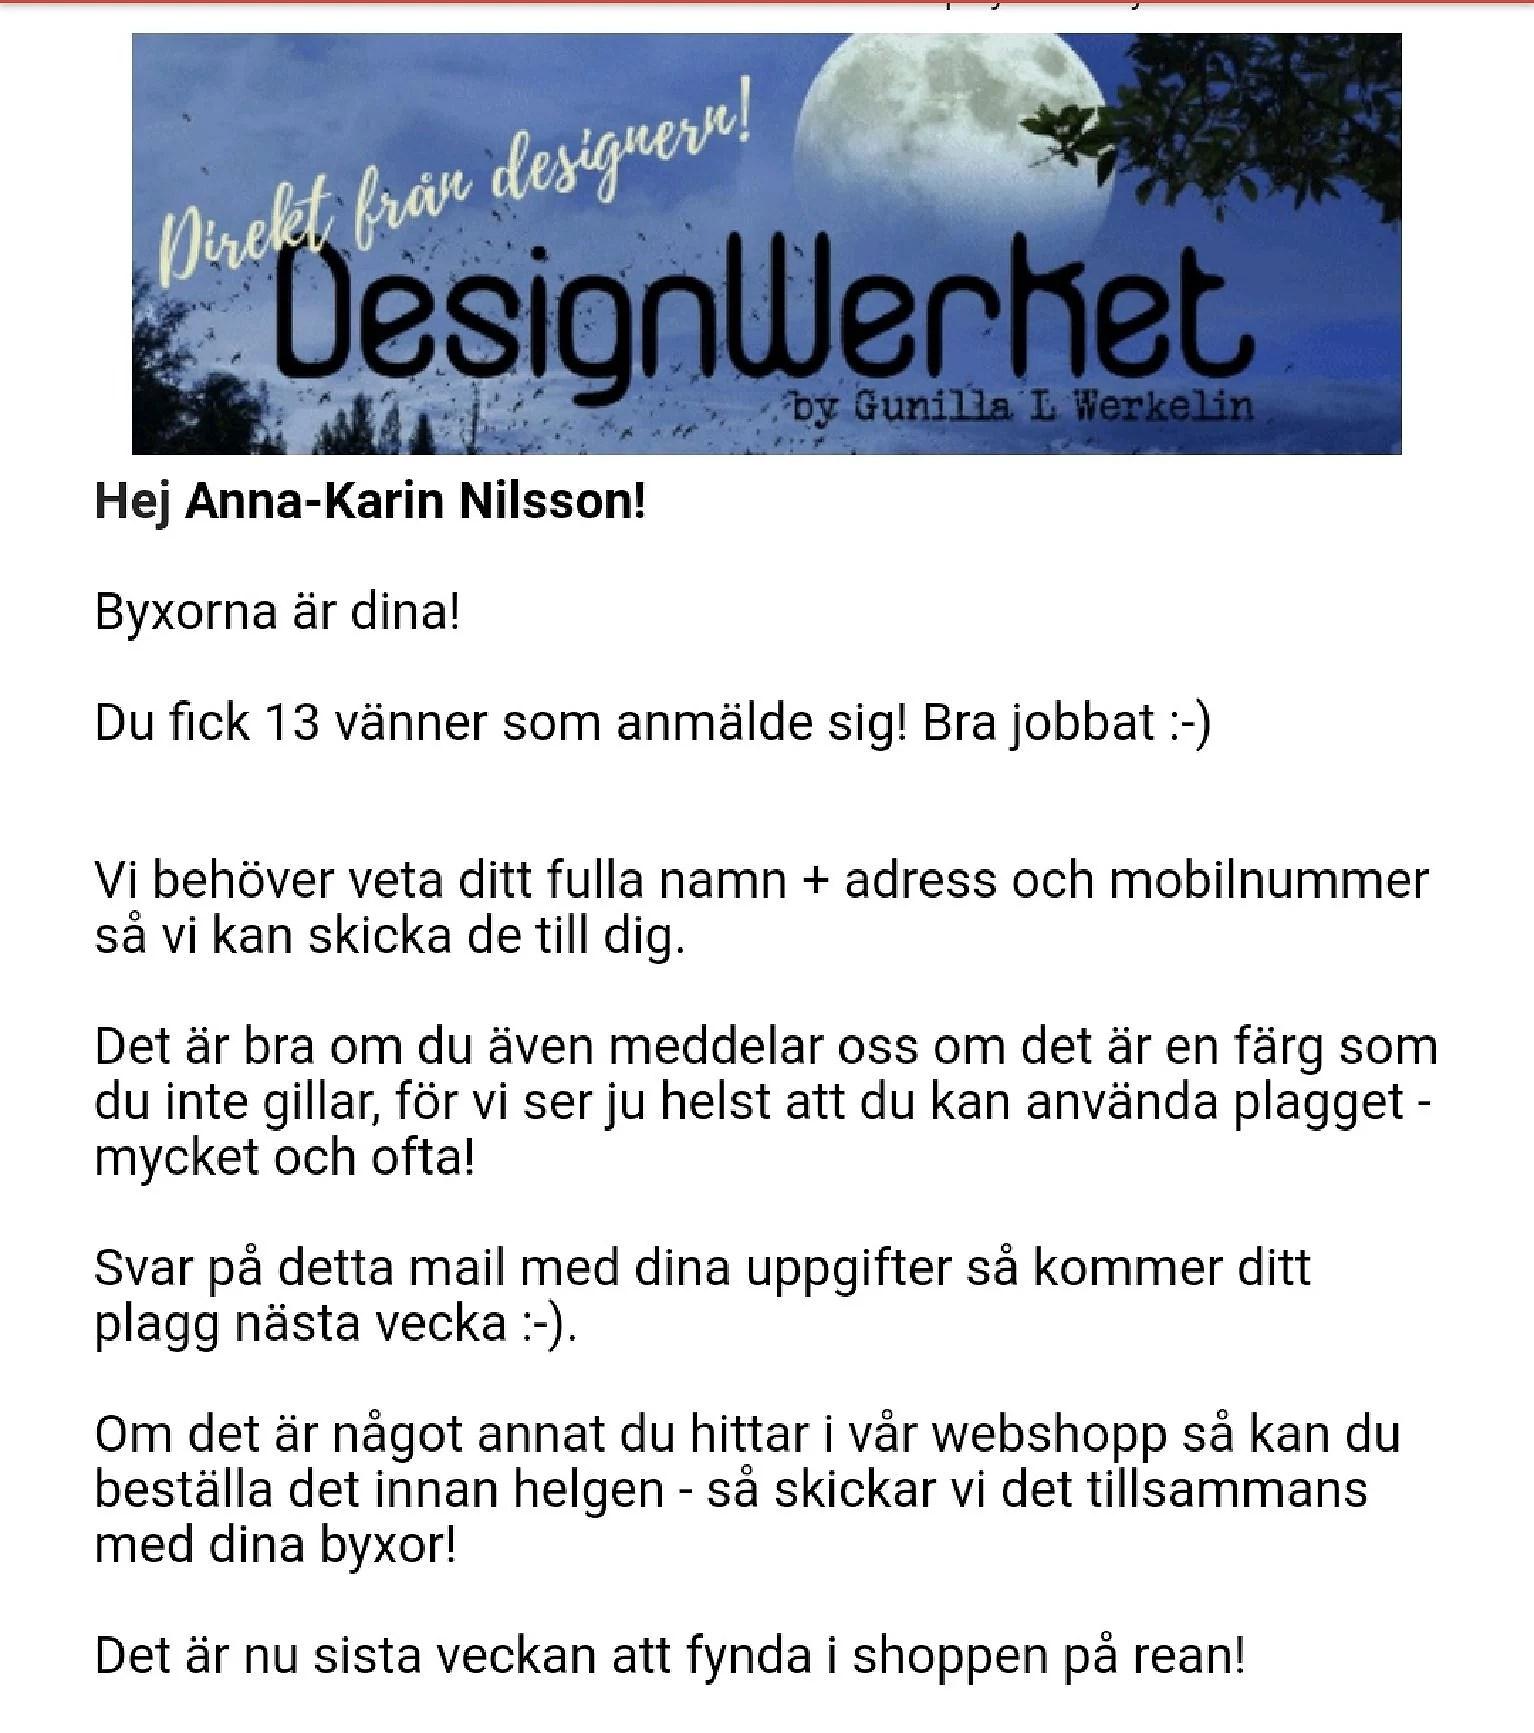 Byxor från DesignWerket på väg 😀